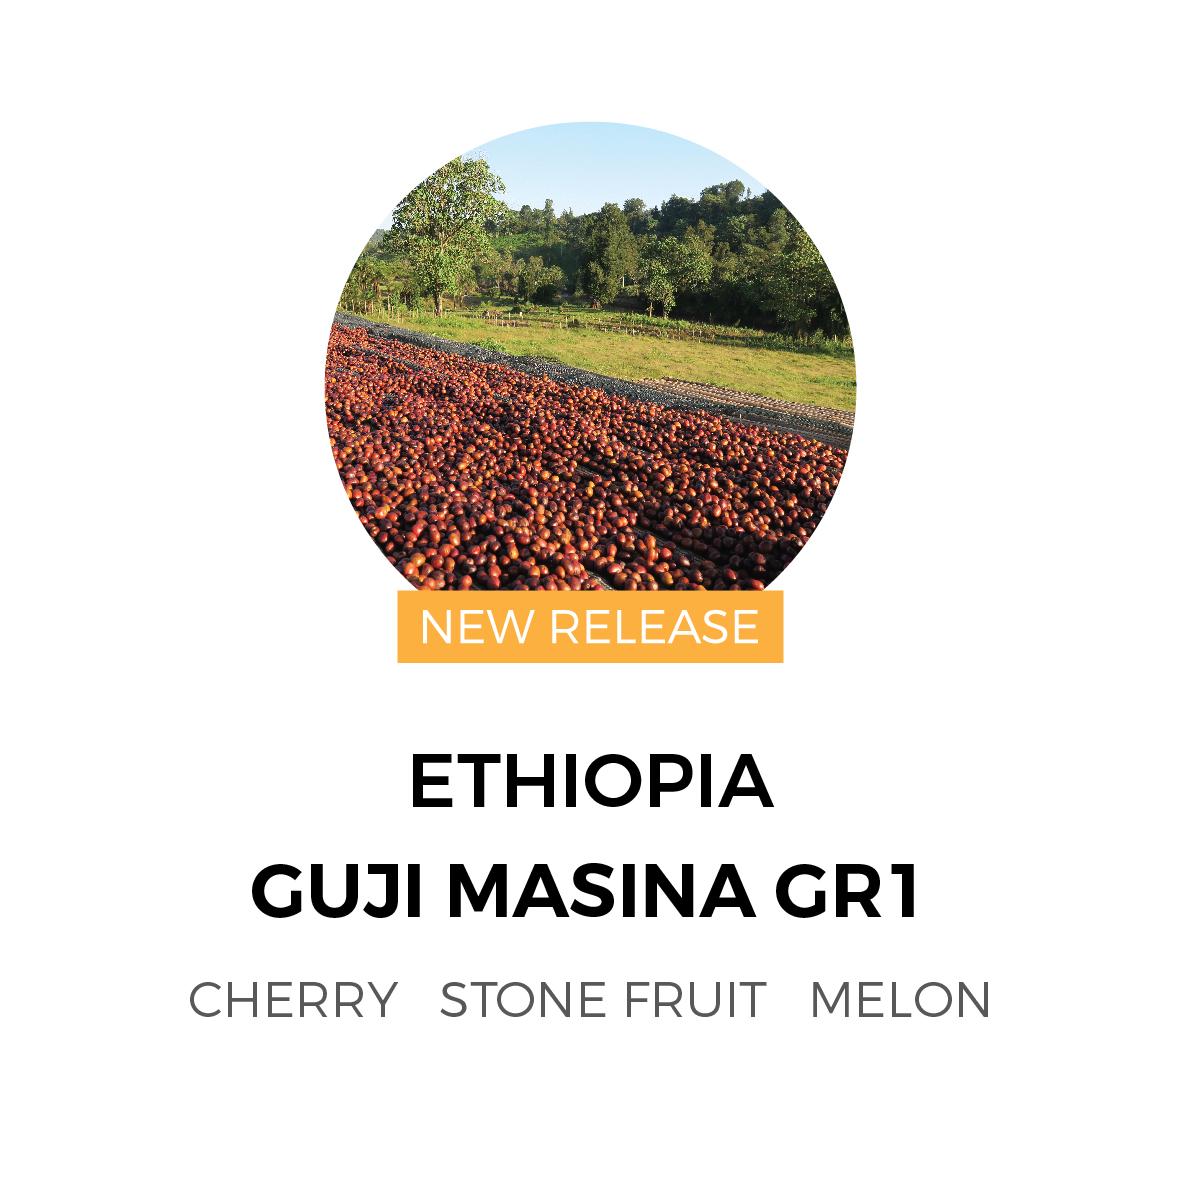 Ethiopa-Guji-Masina-New-Release-01-01.jpg